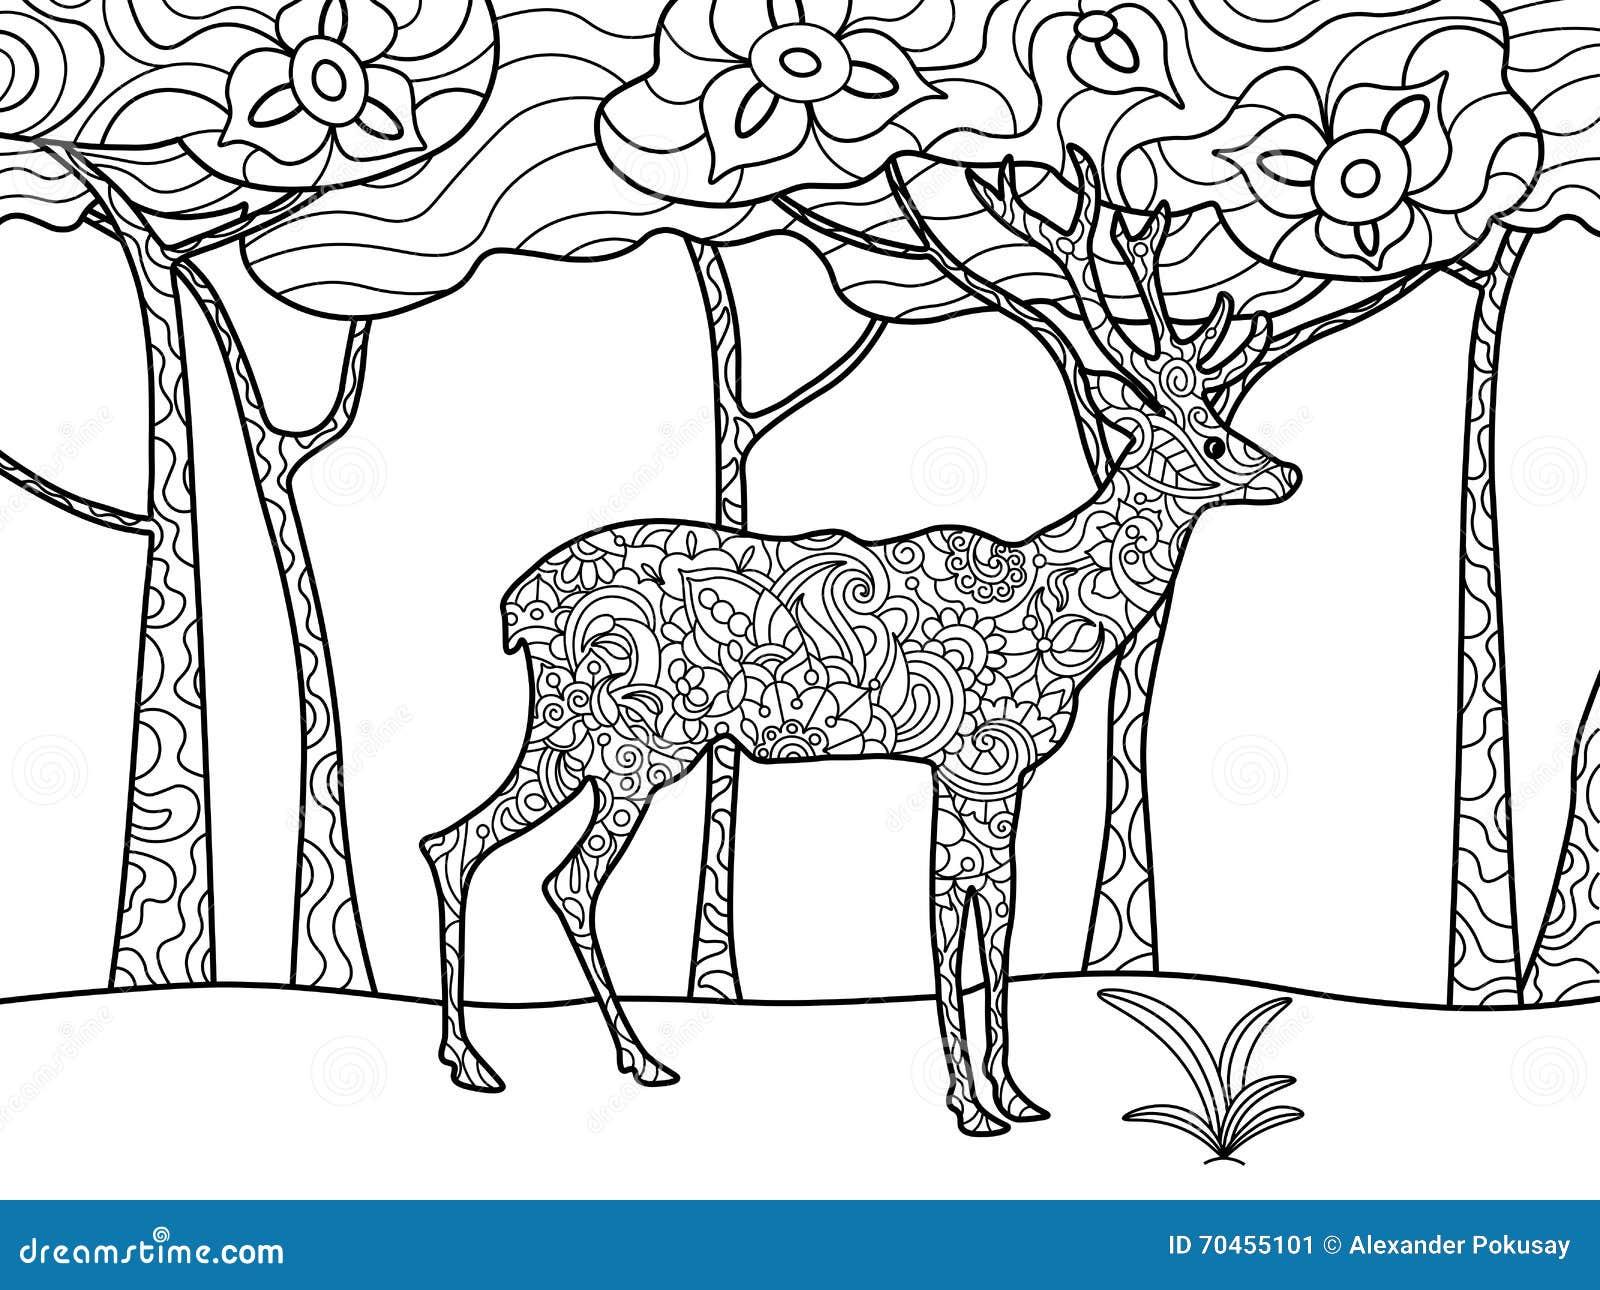 Moderno Dibujos Para Colorear De La Caza De Ciervos Motivo - Dibujos ...